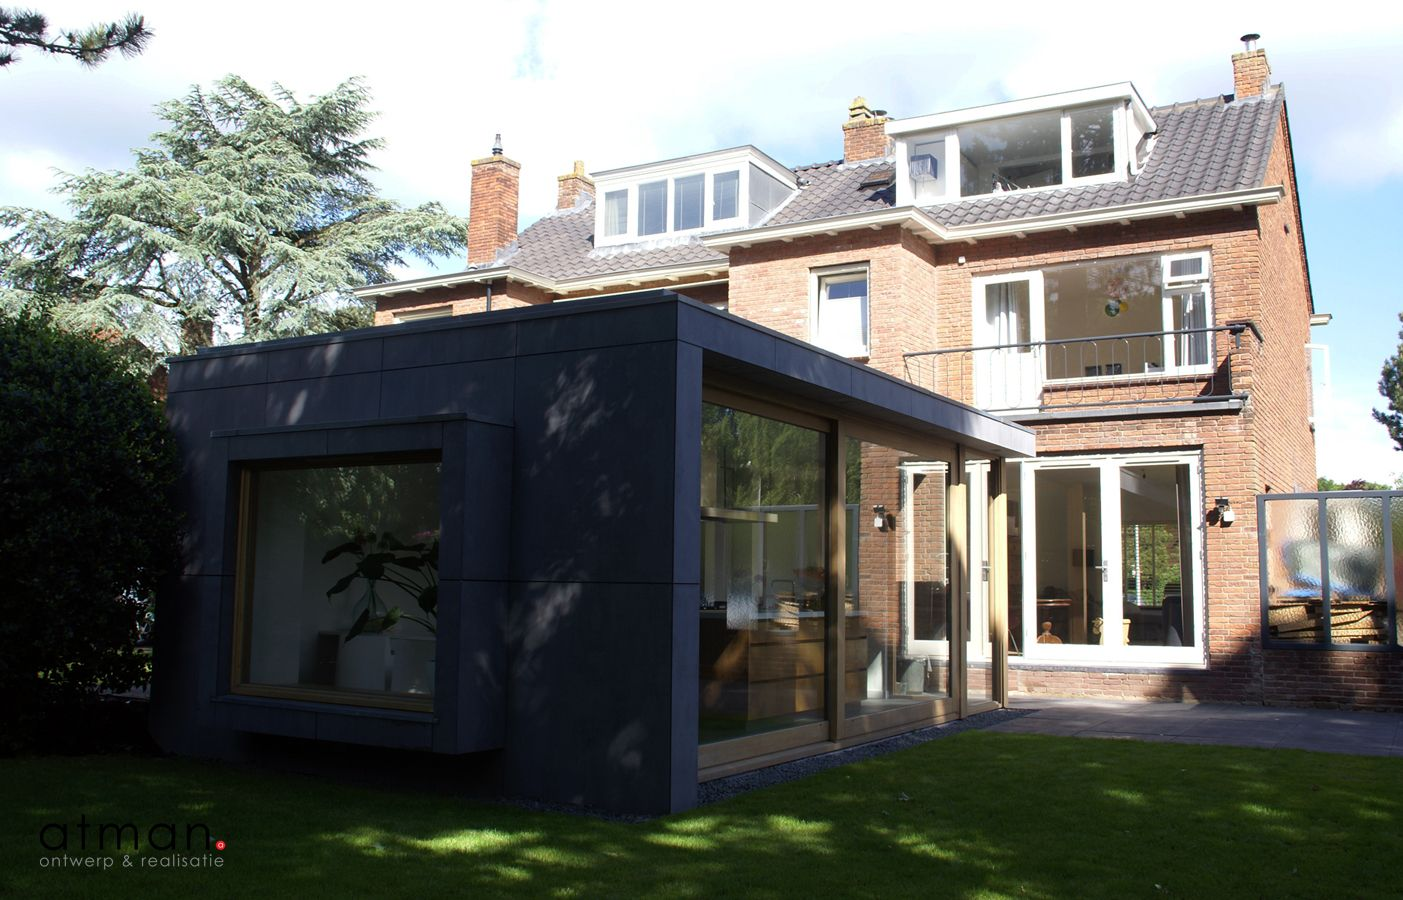 Uitbreiding Aan Huis : Na een intensieve renovatie en uitbreiding is een jaren huis